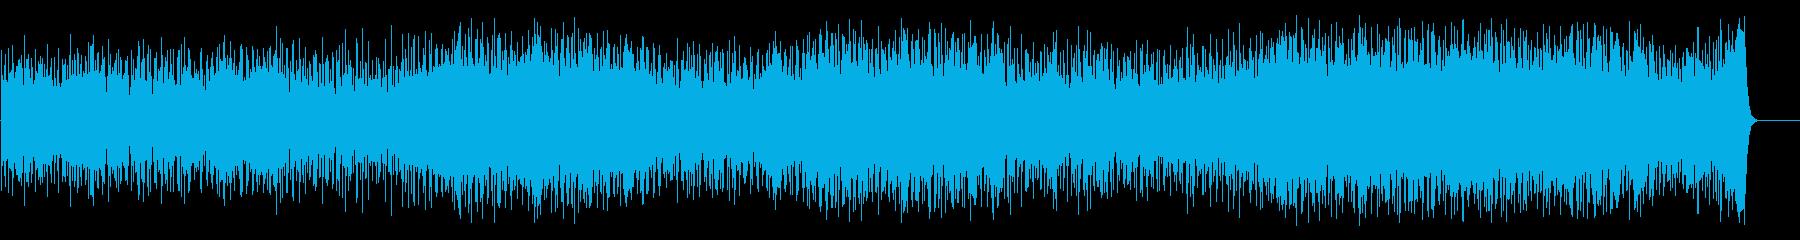 サイクリング向けポップス(フルサイズ)の再生済みの波形